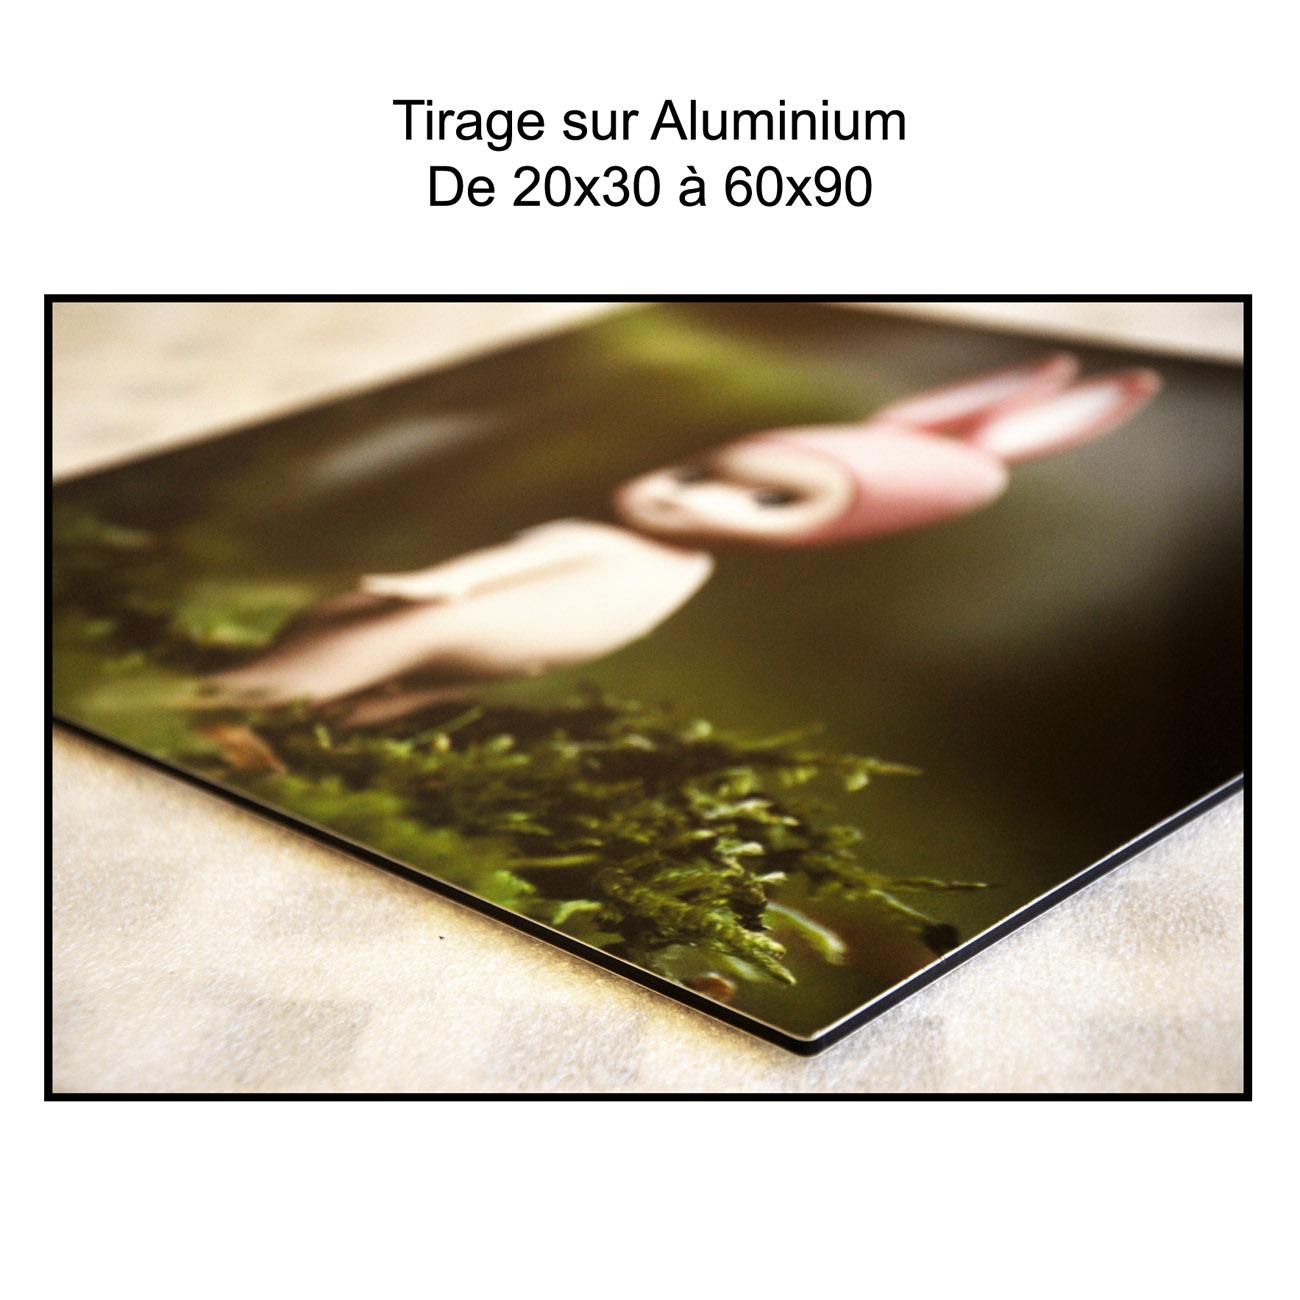 Tirage-sur-aluminium